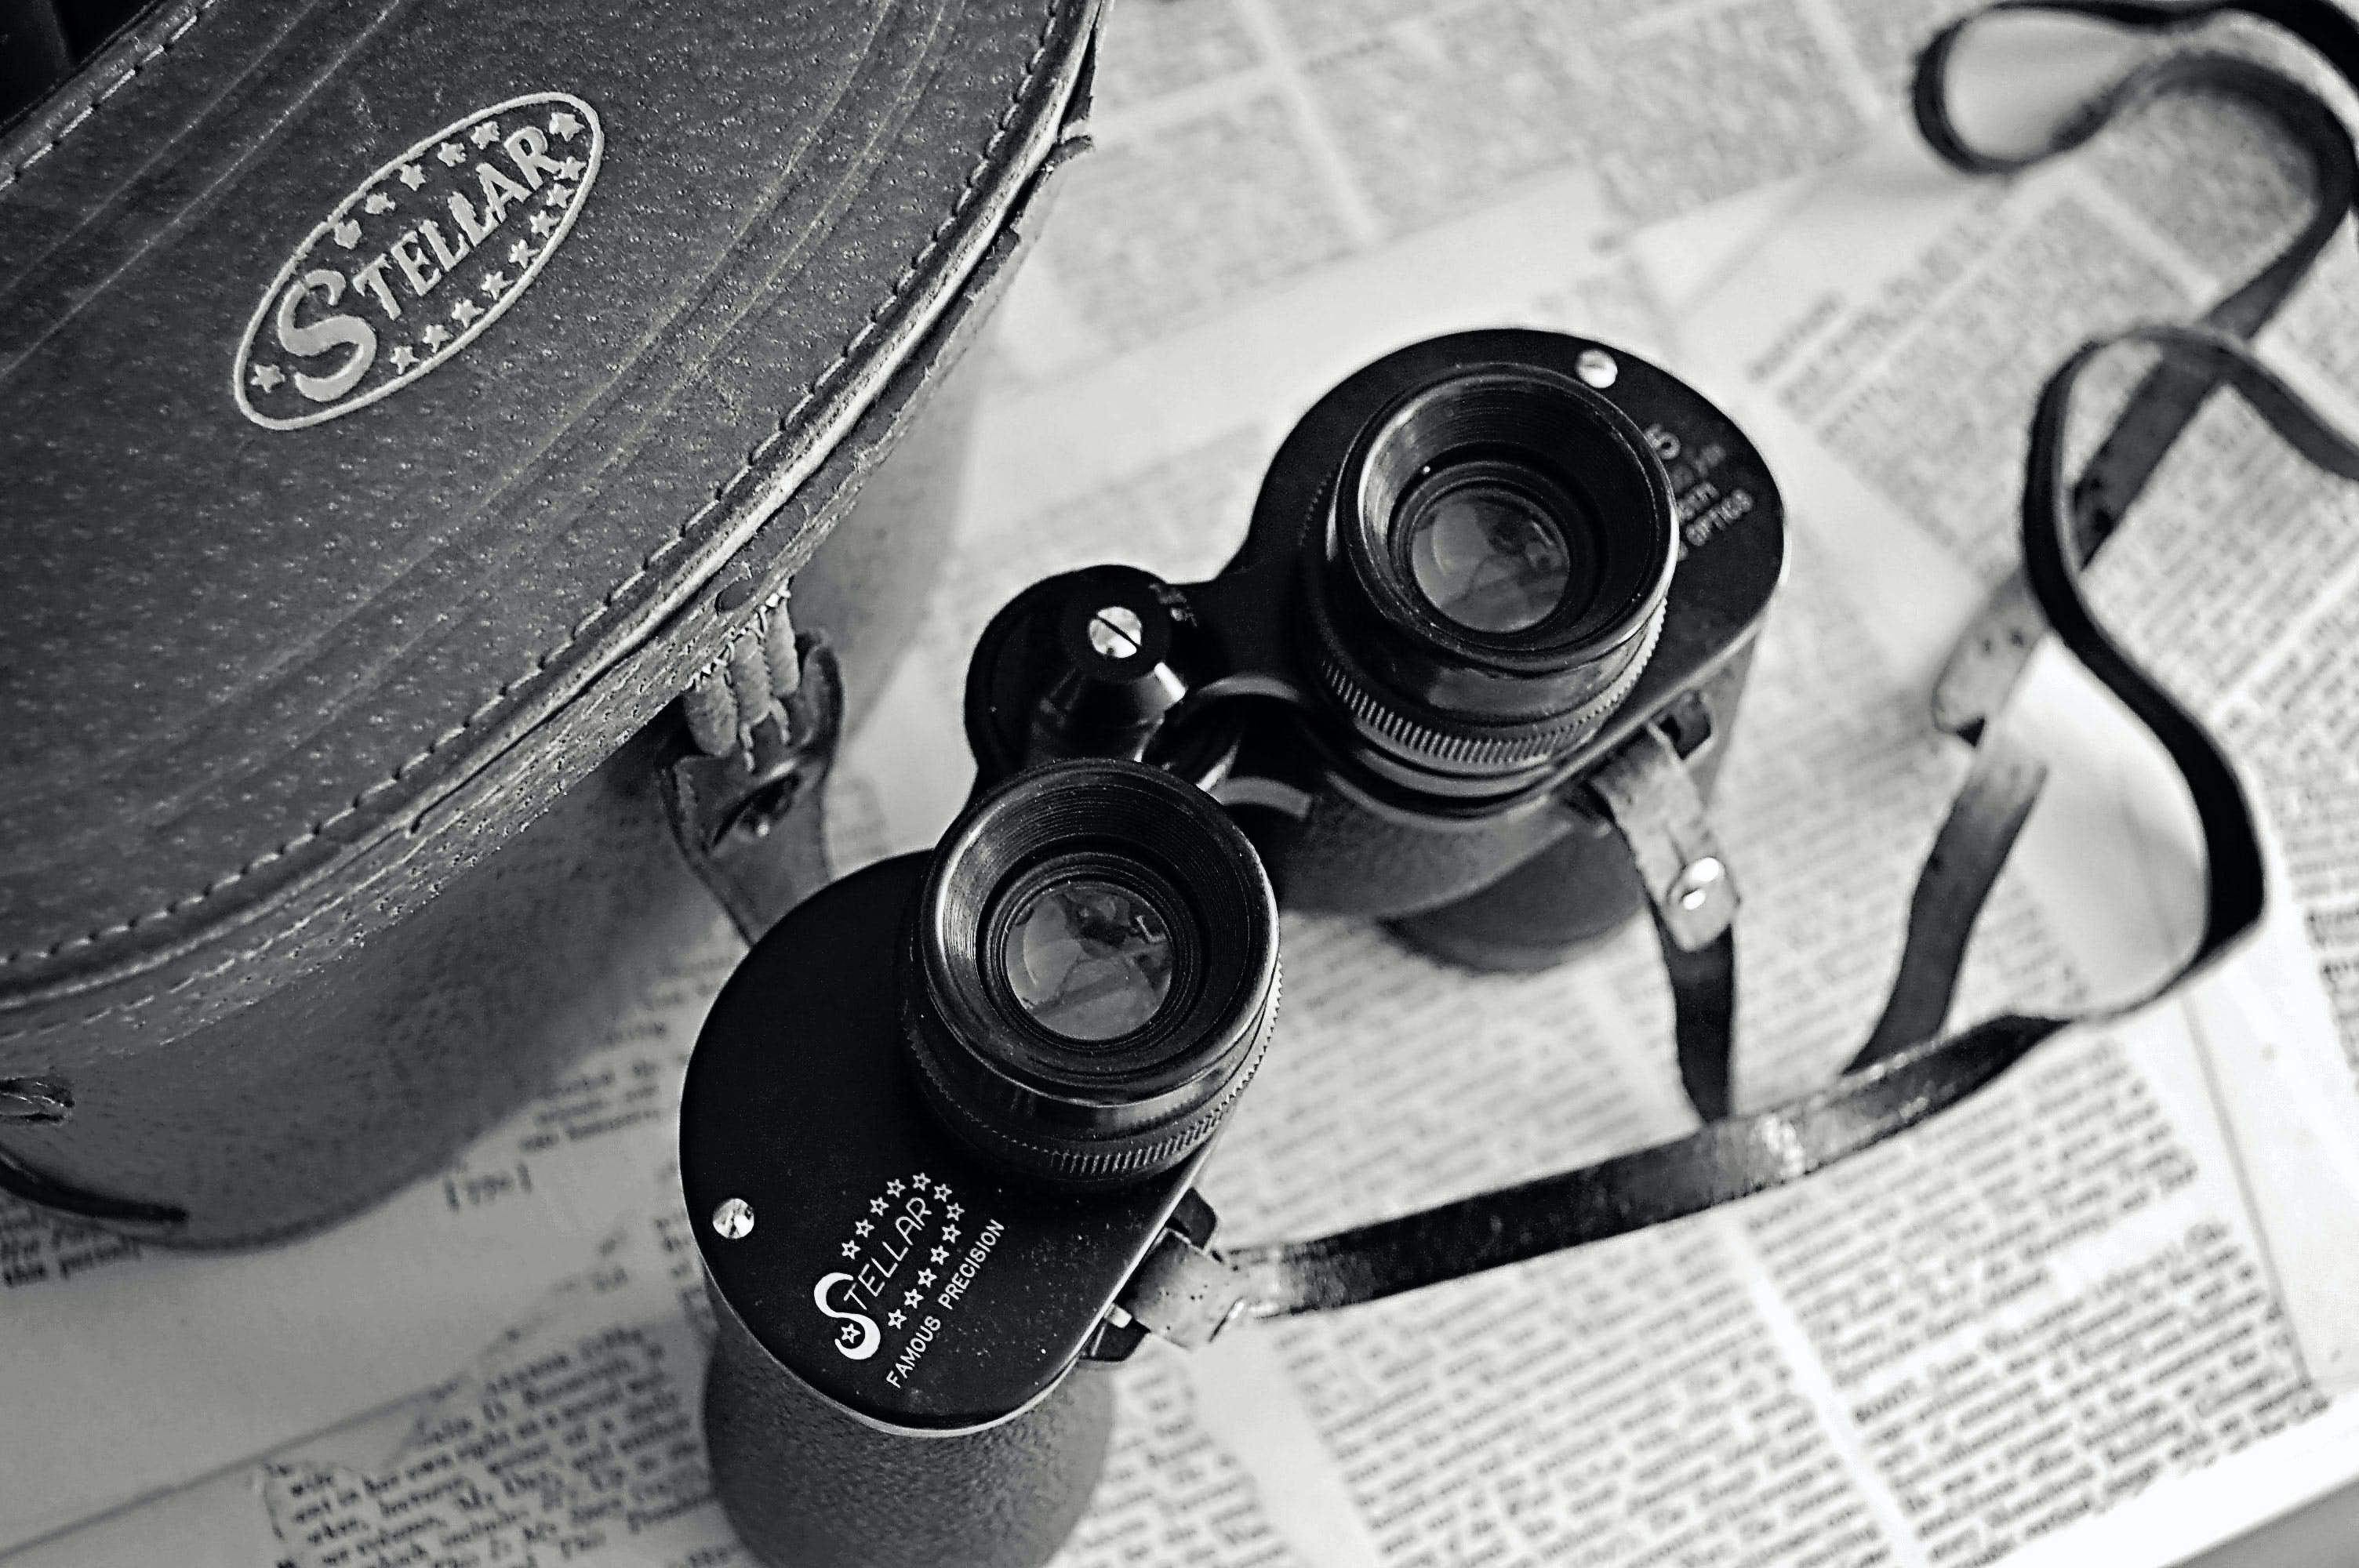 技術, 放大, 皮包, 背帶 的 免費圖庫相片